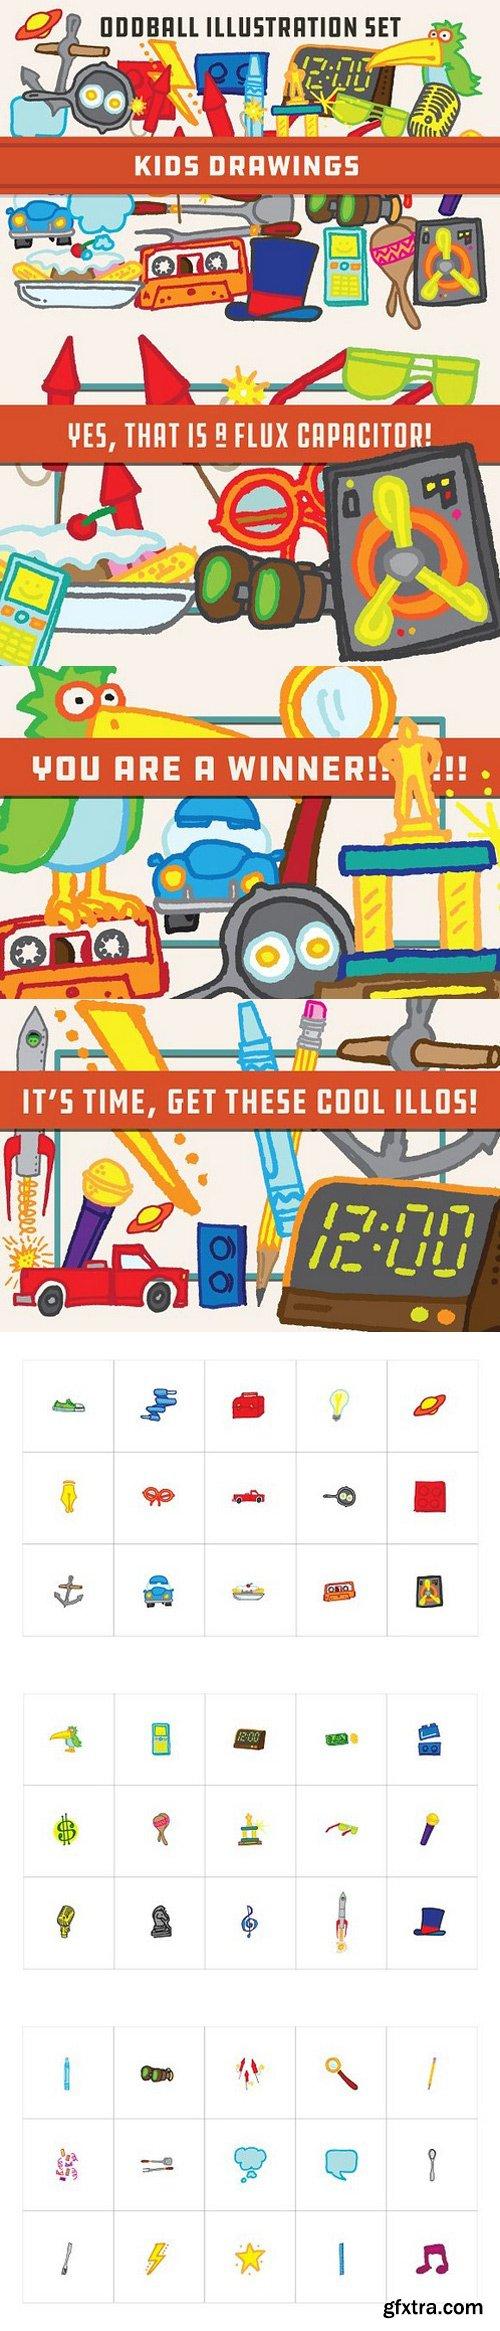 Kids Drawings - Oddball Illustraions